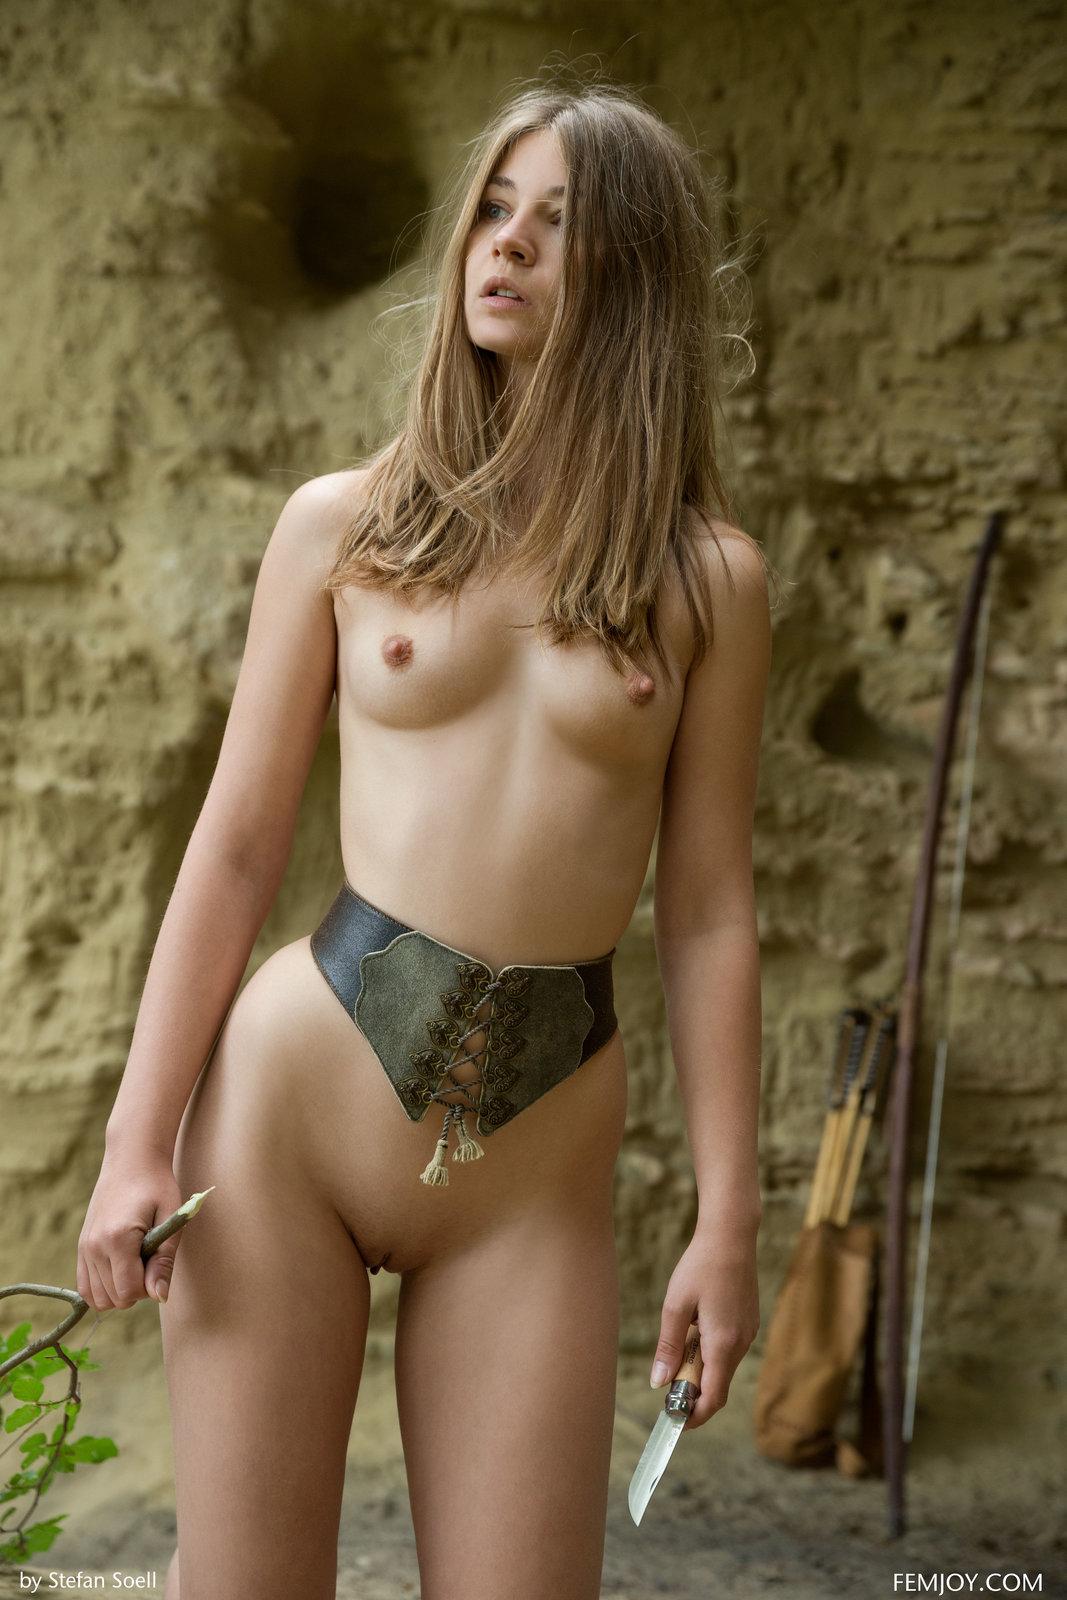 nastya nude